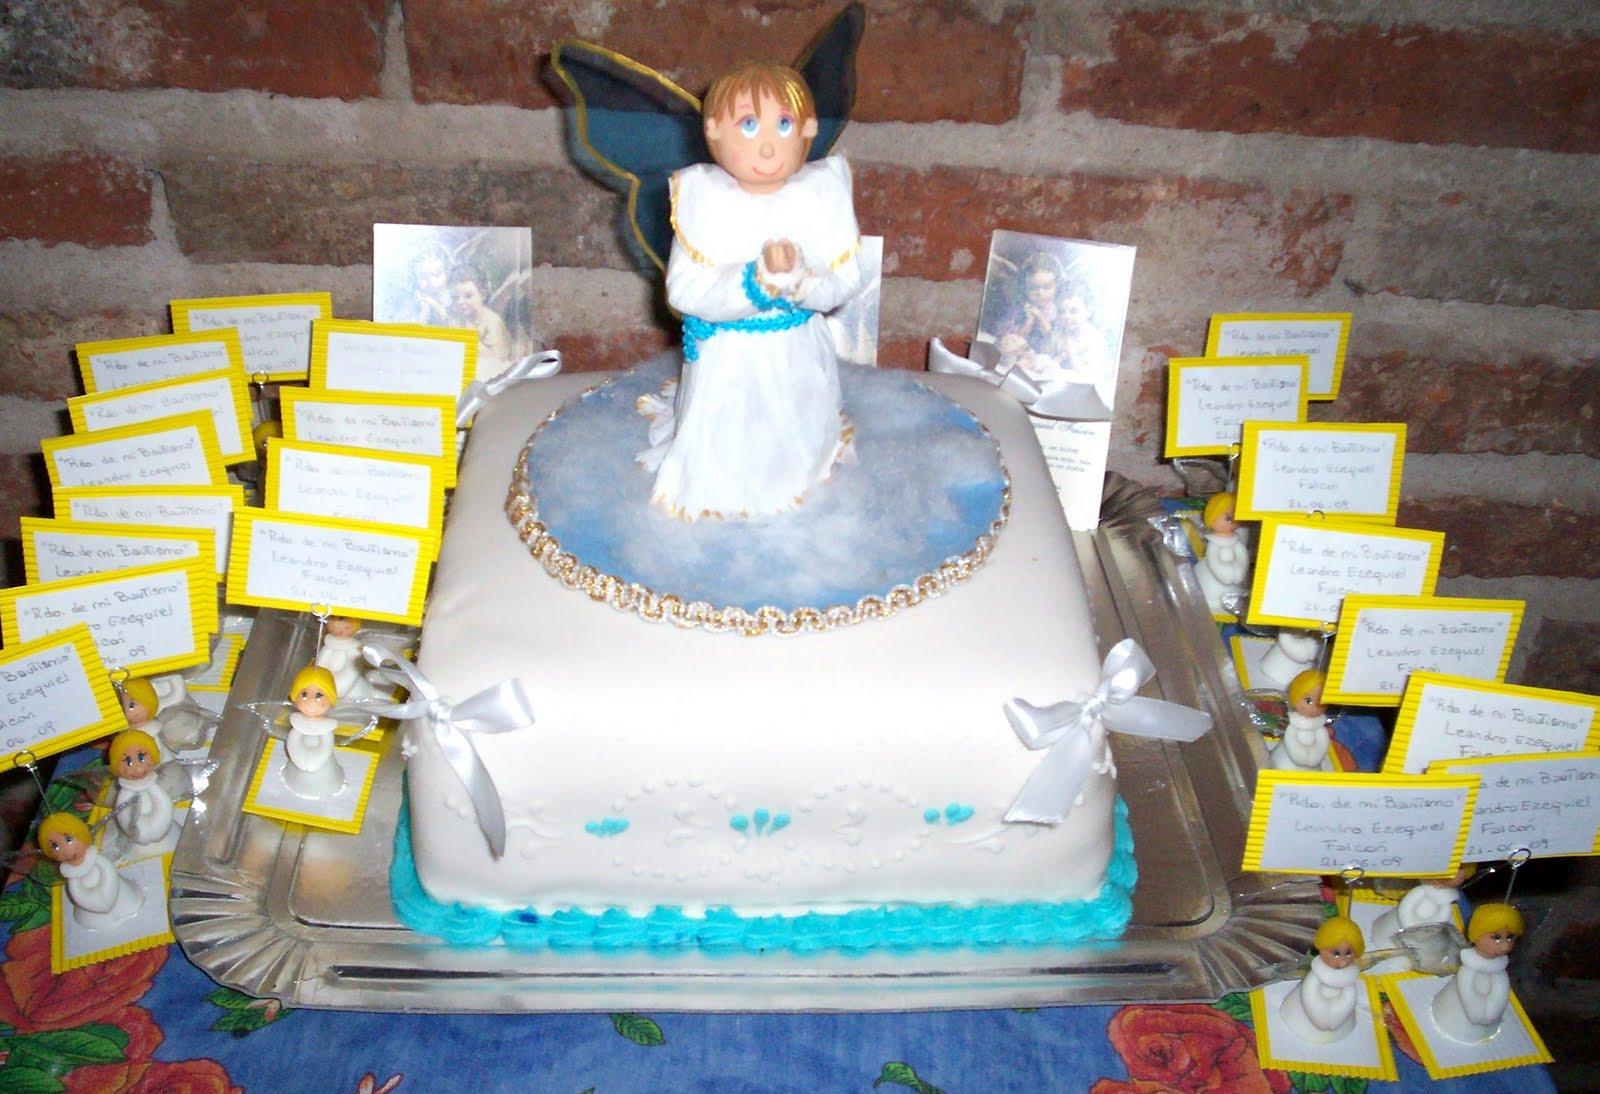 Angelito para adornar torta de bautismo y souvenirs porta mensajes.